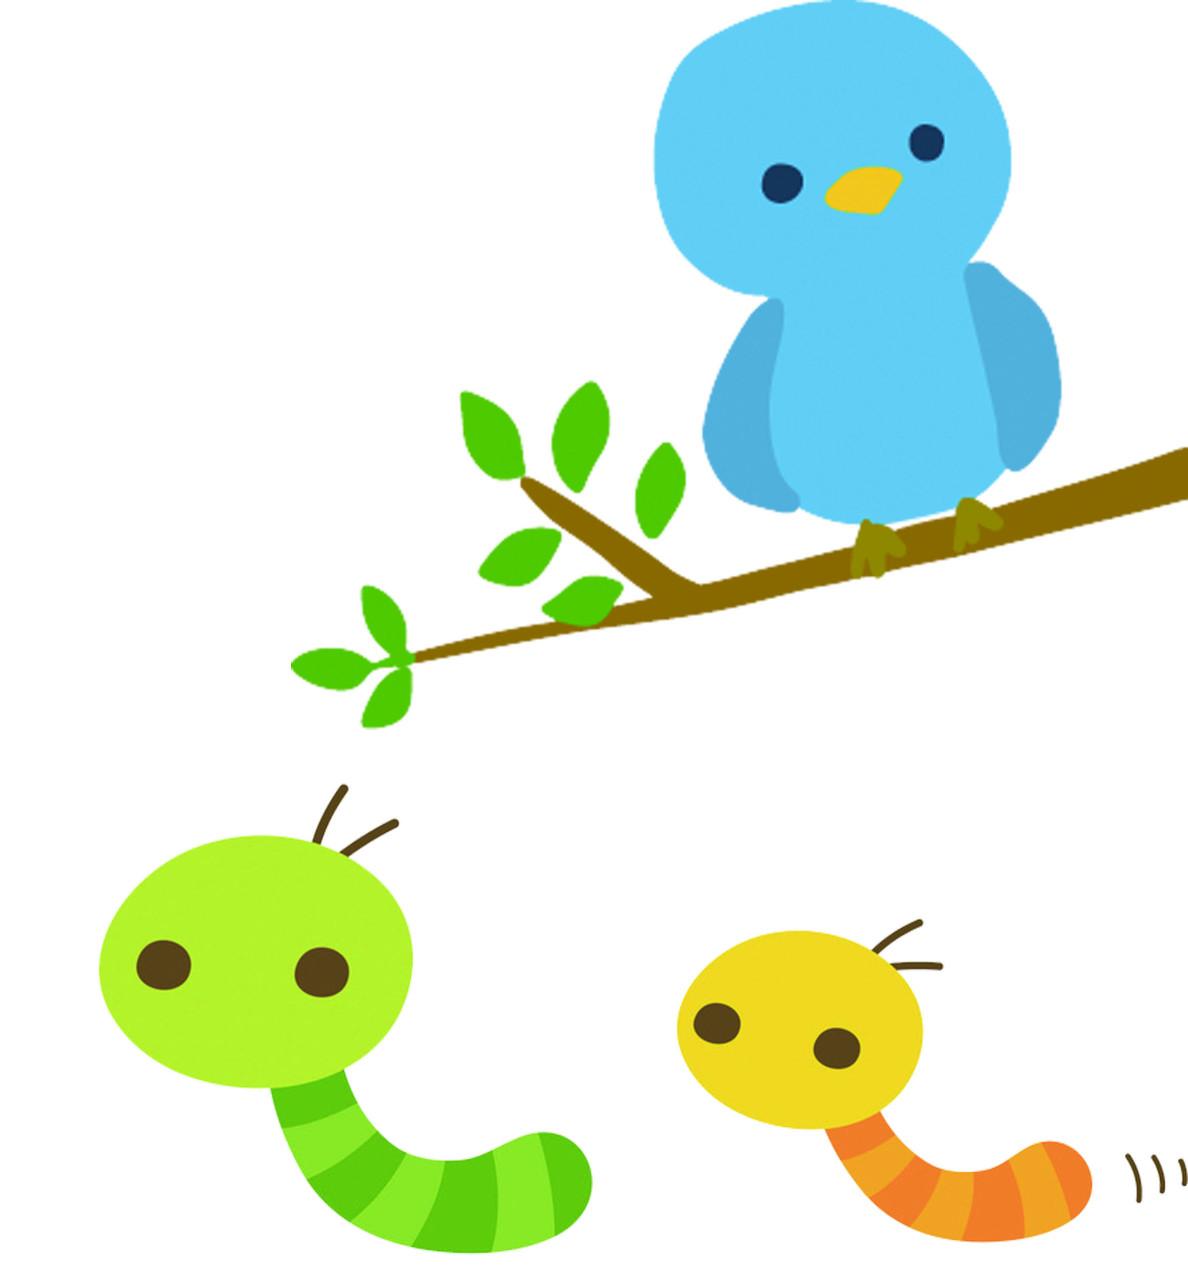 鳥類會吃蟲,當然也包含毛毛蟲在內,這是一般人對於毛蟲天敵的認知。 不過,其實並非所有肉食性的鳥類都會吃毛蟲,畢竟許多種類的毛蟲全身布滿毒毛, 鳥兒也是避而遠之。只有少數品種能夠對抗毒毛,例如「杜鵑鳥」、「喜鵲」等, 便是專門捕捉毛毛蟲的鳥類。